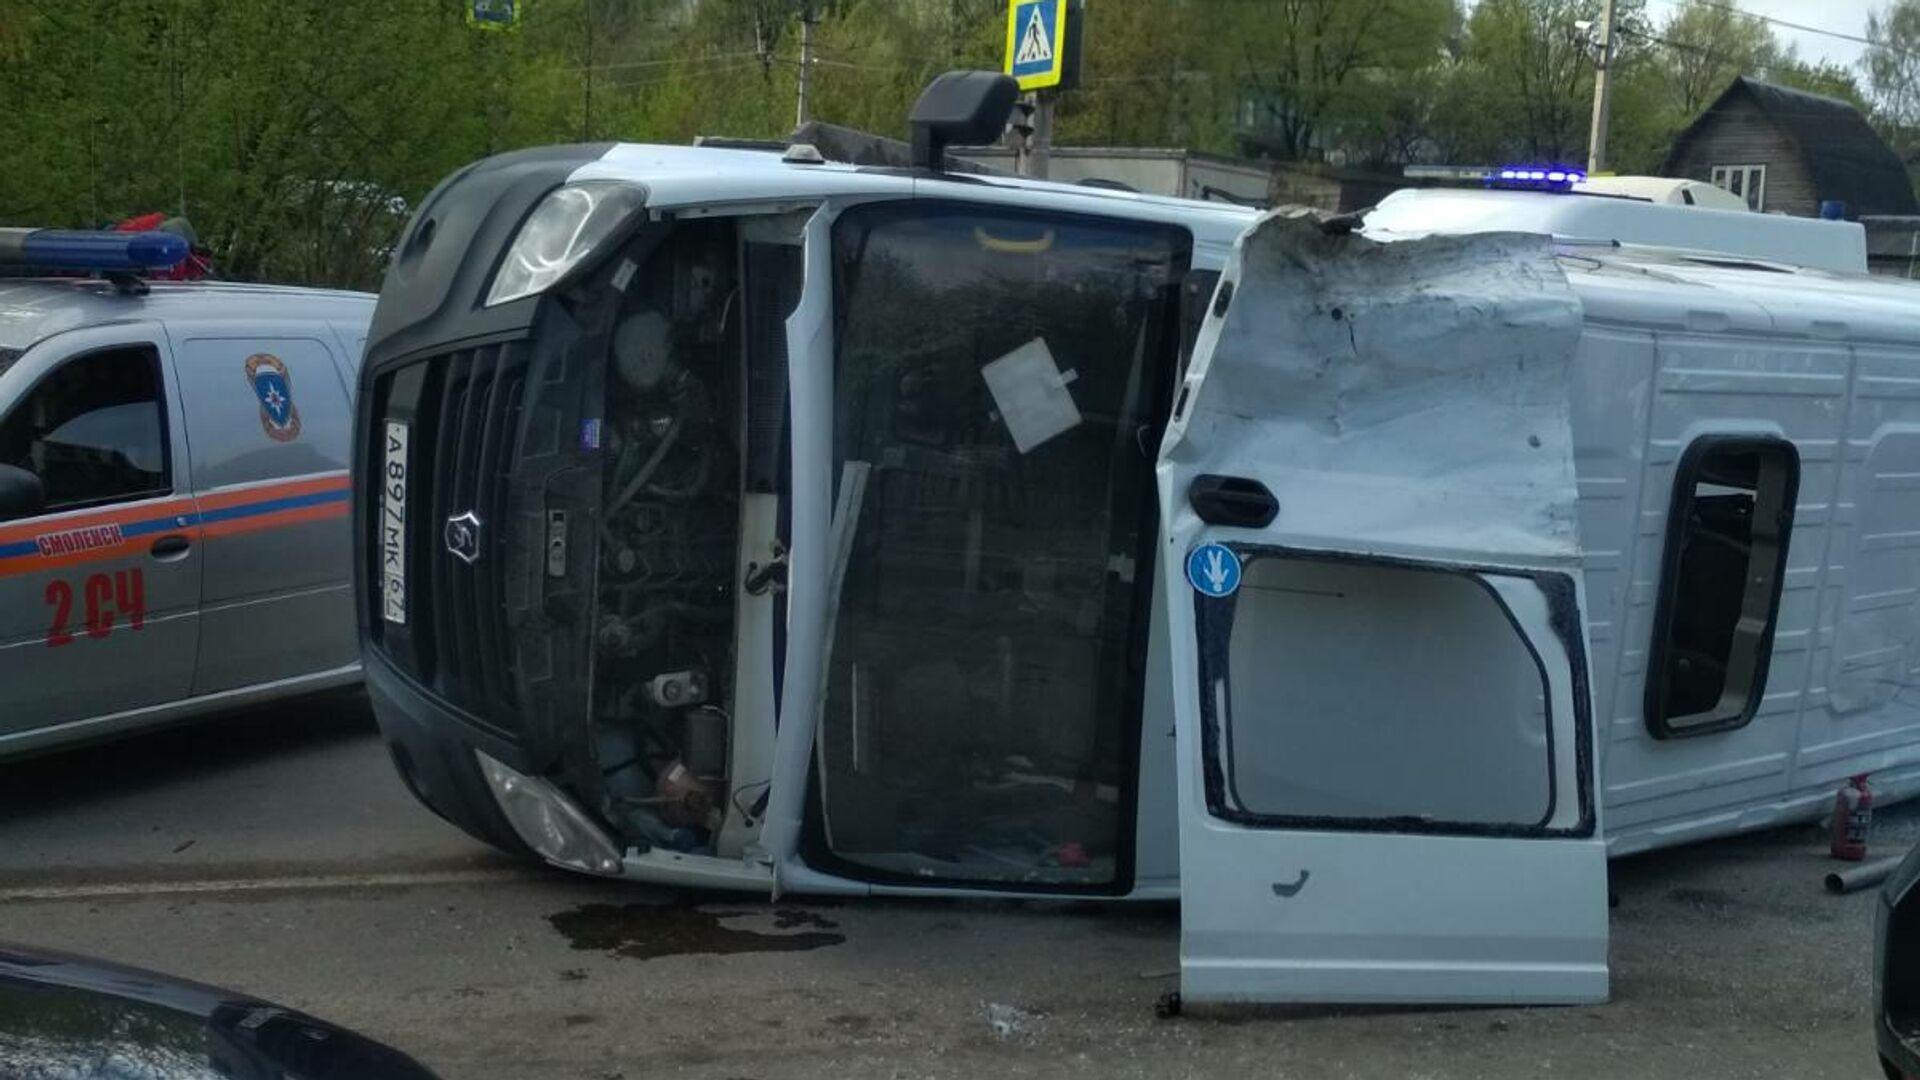 ДТП в результате столкновения маршрутного такси с фургоном в Смоленске - РИА Новости, 1920, 13.05.2021